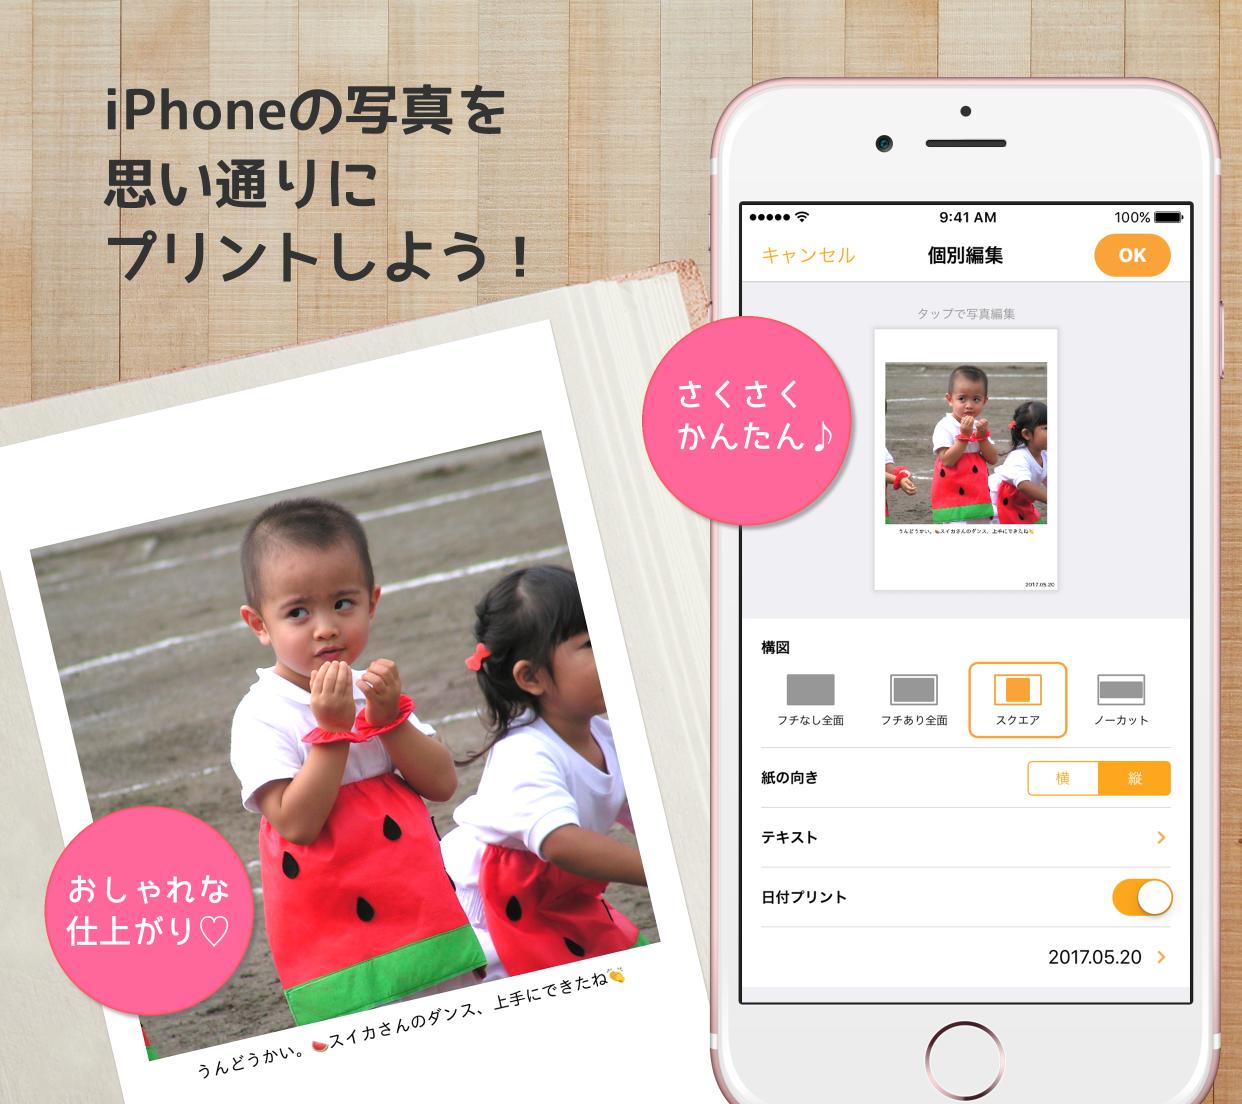 業界初のハイブリッドiPhone写真アプリ「ネットプリント」と「プリントデータ作成」ができる「かわいい&おしゃれ写真印刷 – さくっとプリント」をリリース